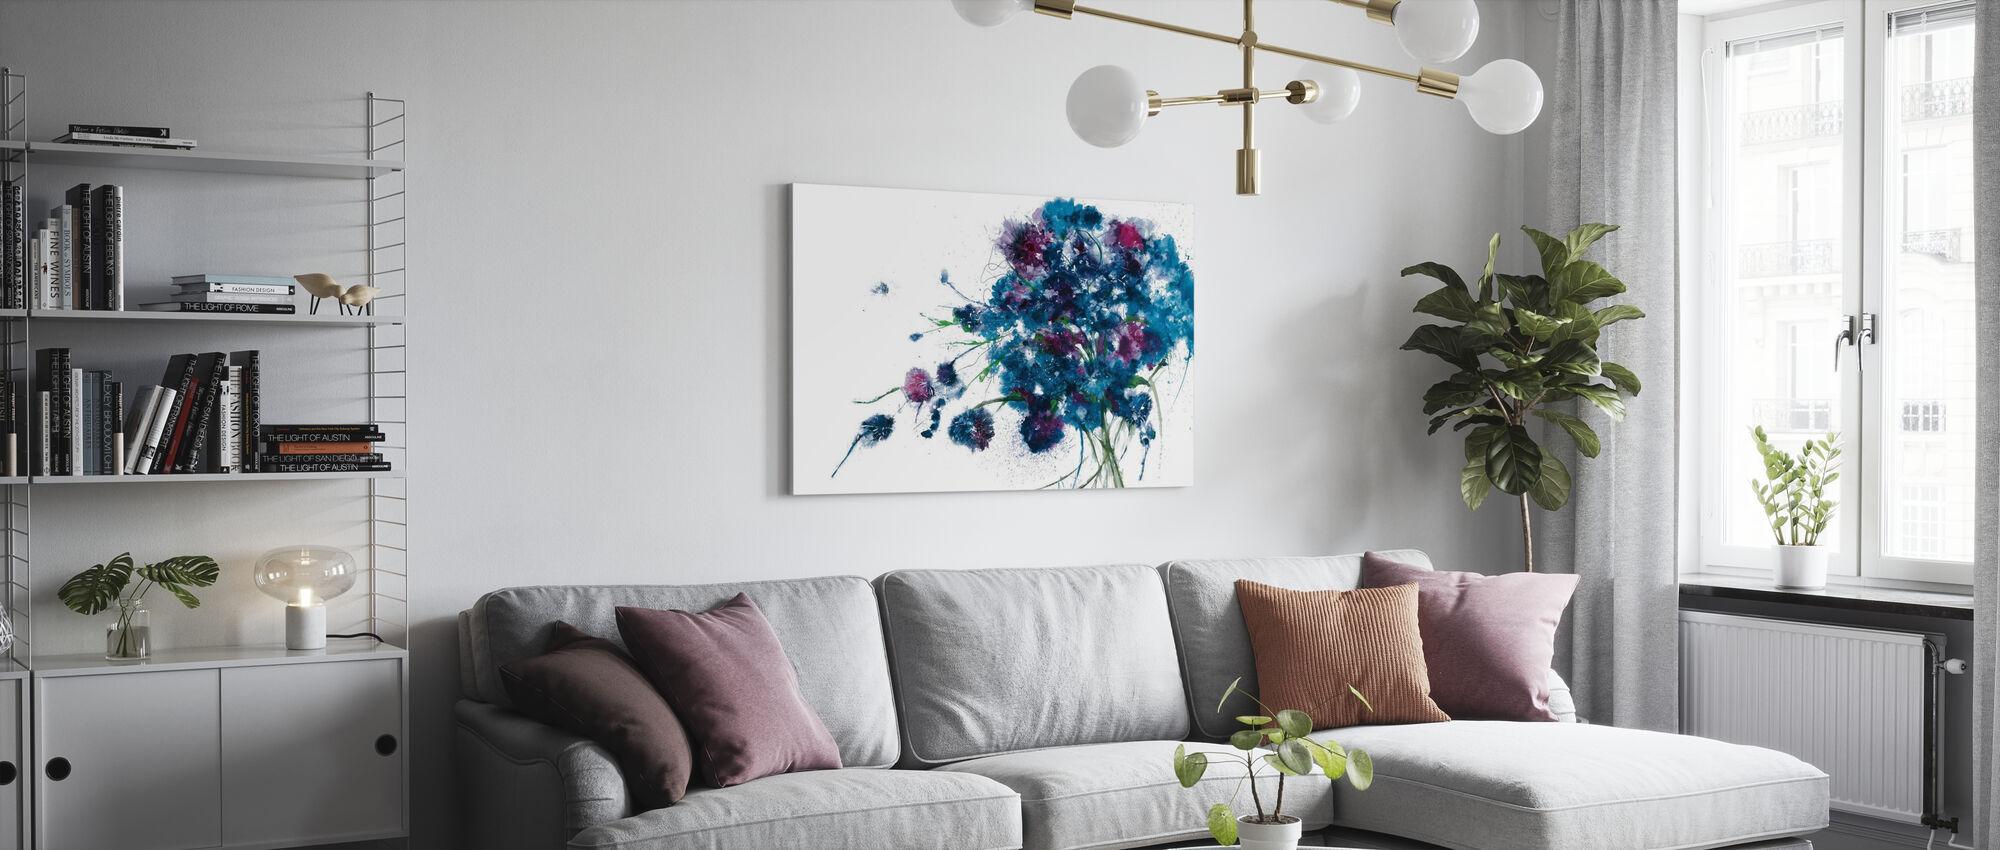 Blue Bouquet - Canvas print - Living Room